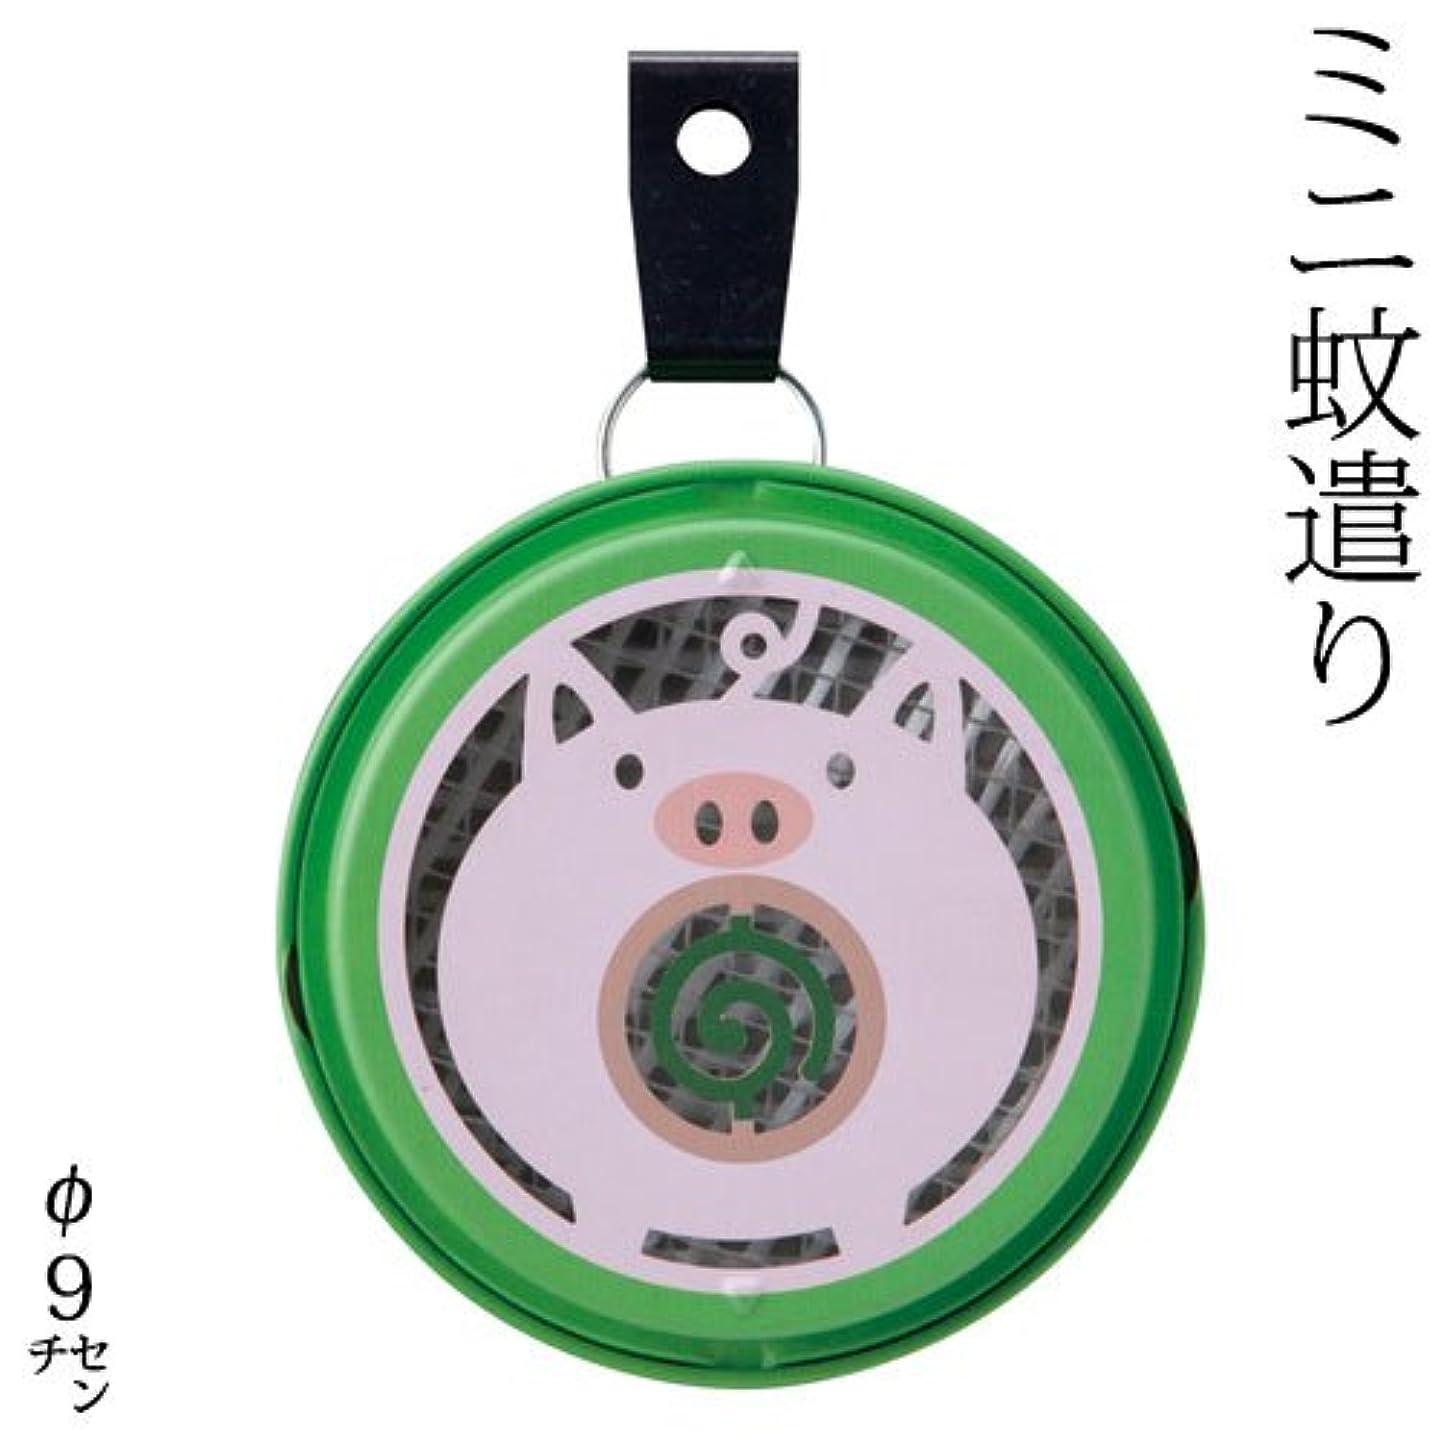 いう本質的ではないピューDECOLEポータブルミニ蚊遣り蚊遣りぶた (SK-87514)吊り下げ?床置き対応Portable mini Kayari